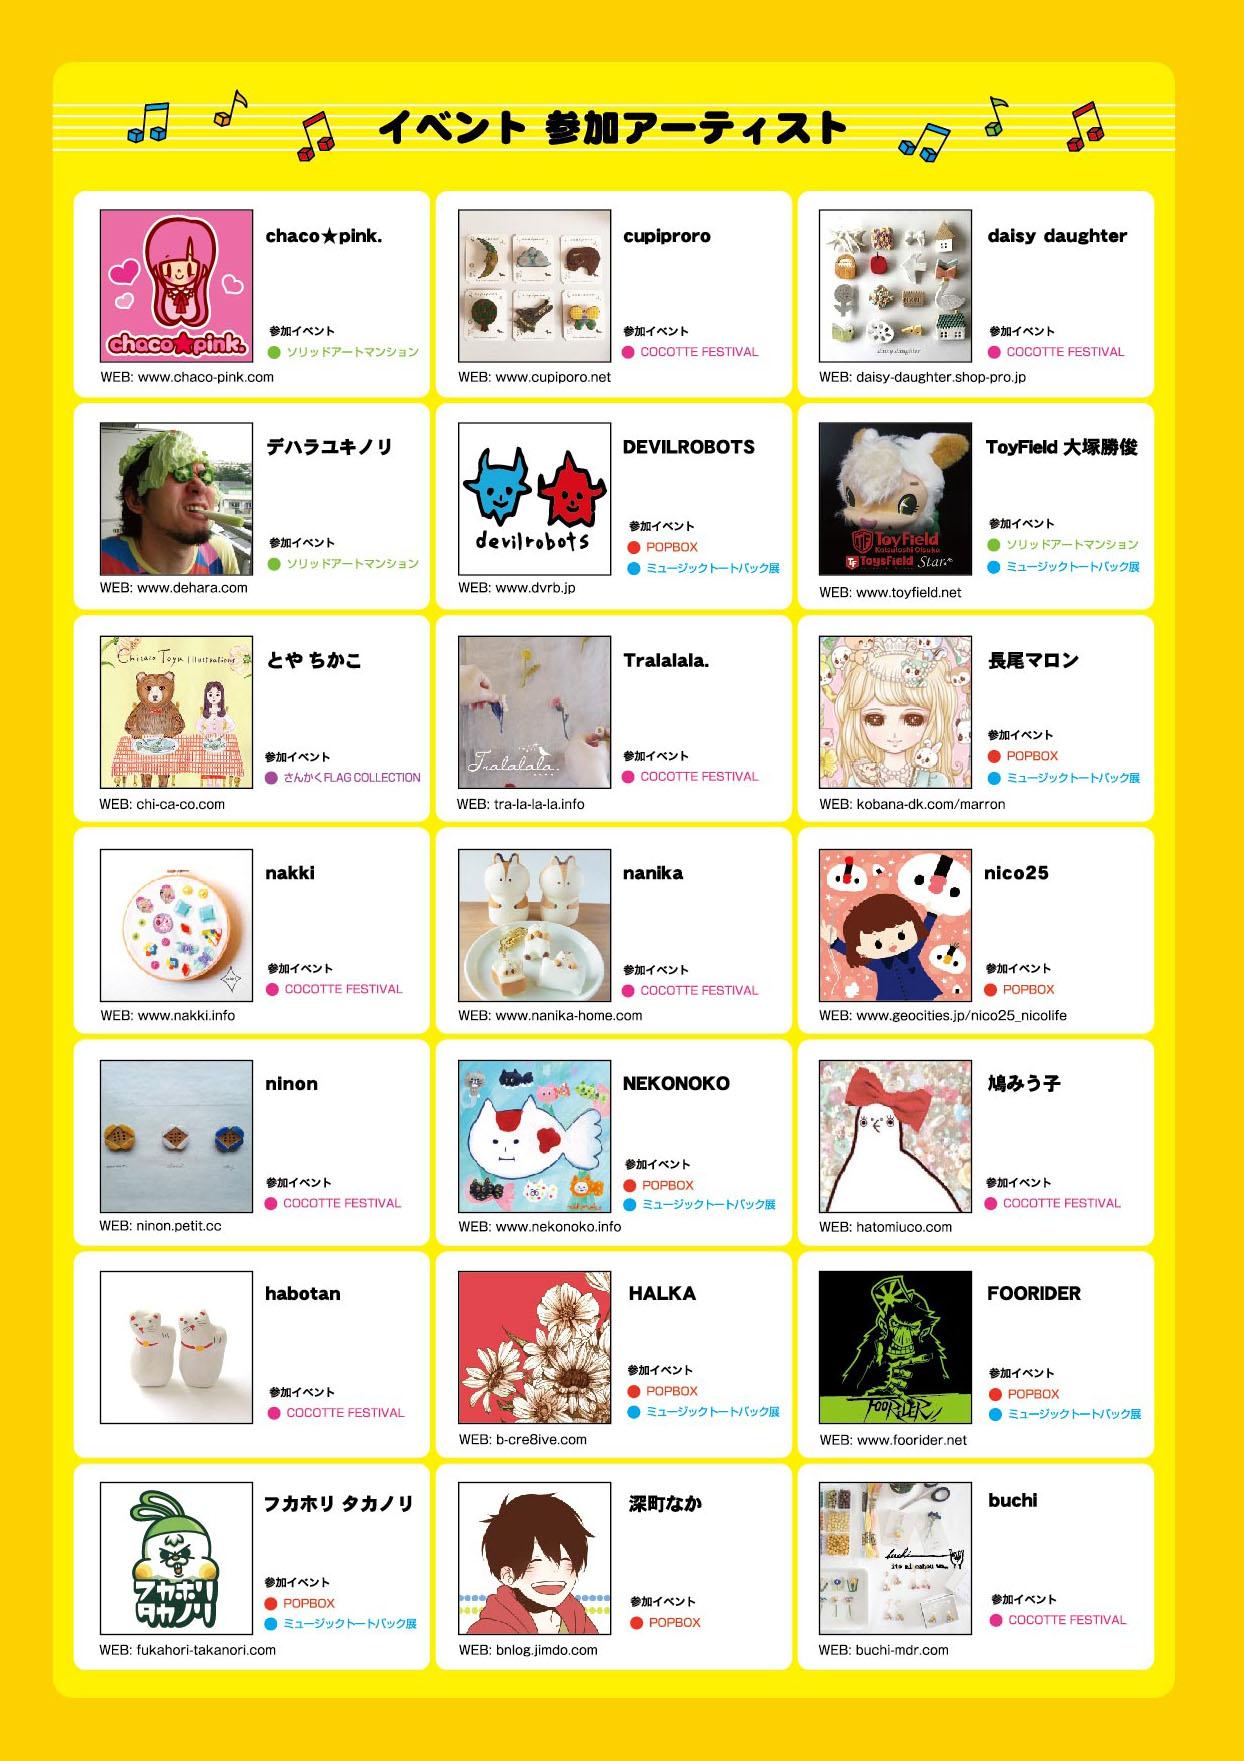 渋谷POPBOX、ココットマーケット開催のお知らせです。_f0010033_15512135.jpg